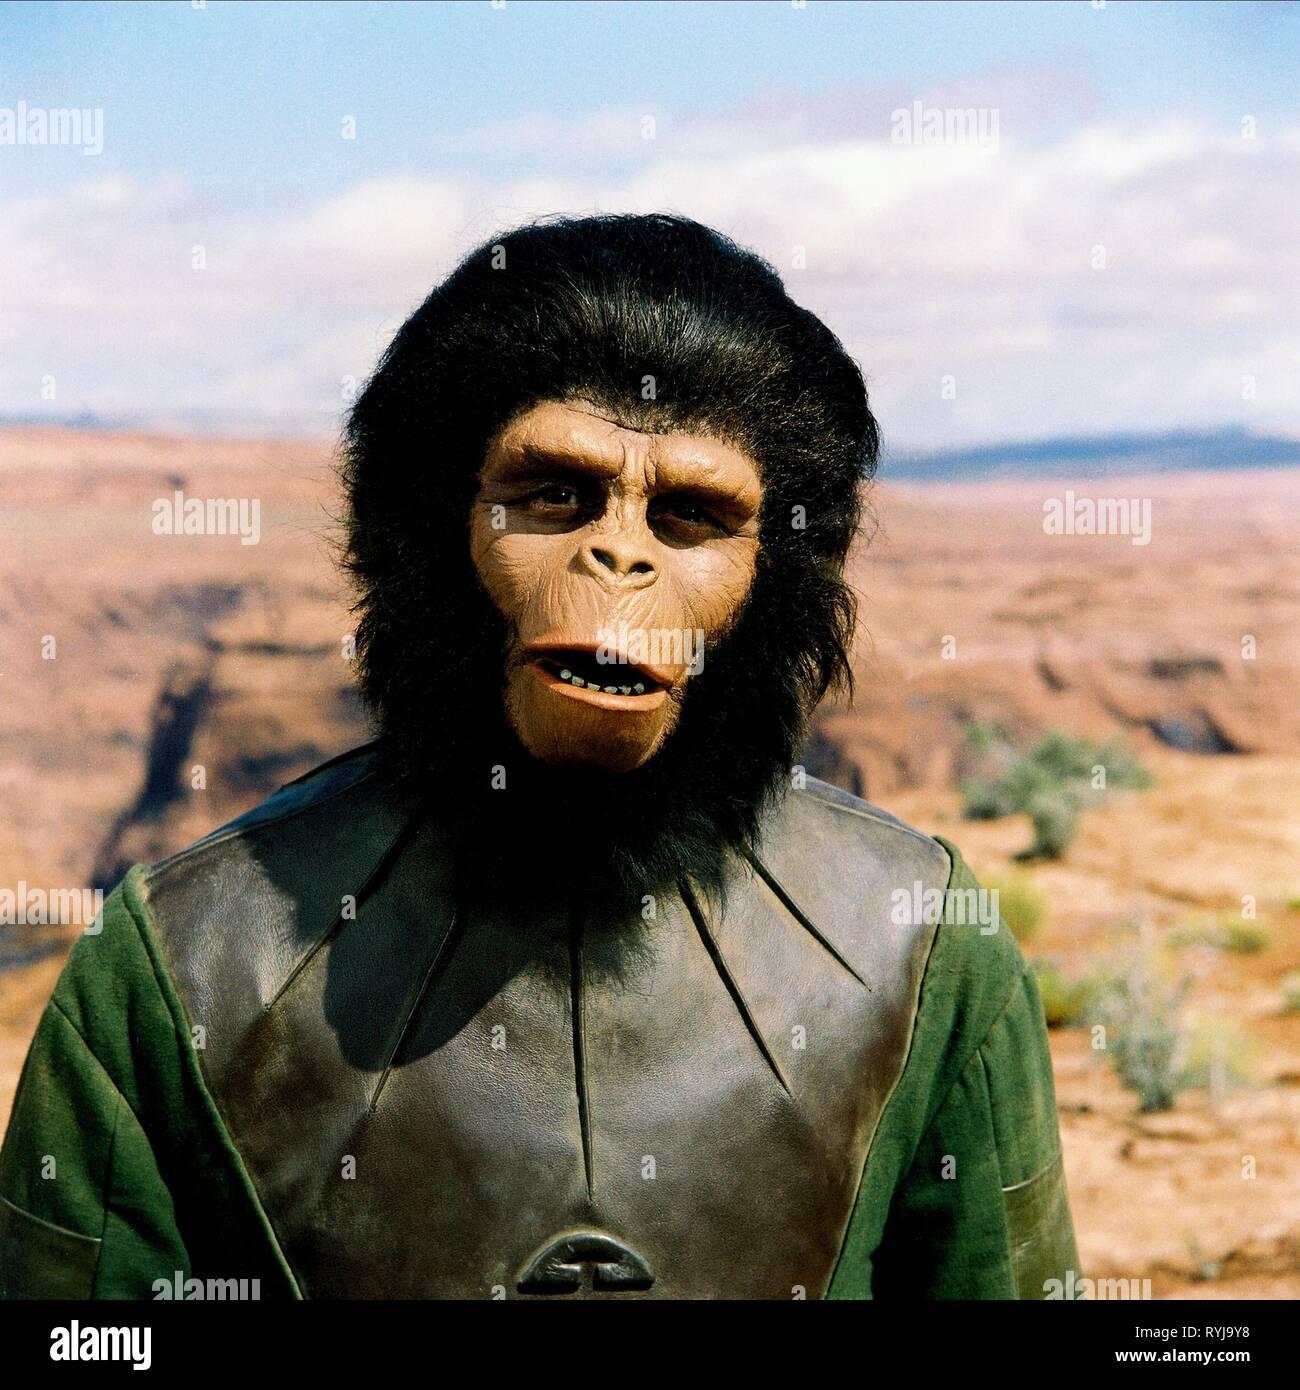 roddy-mcdowall-planet-of-the-apes-1968-RYJ9Y8.jpg